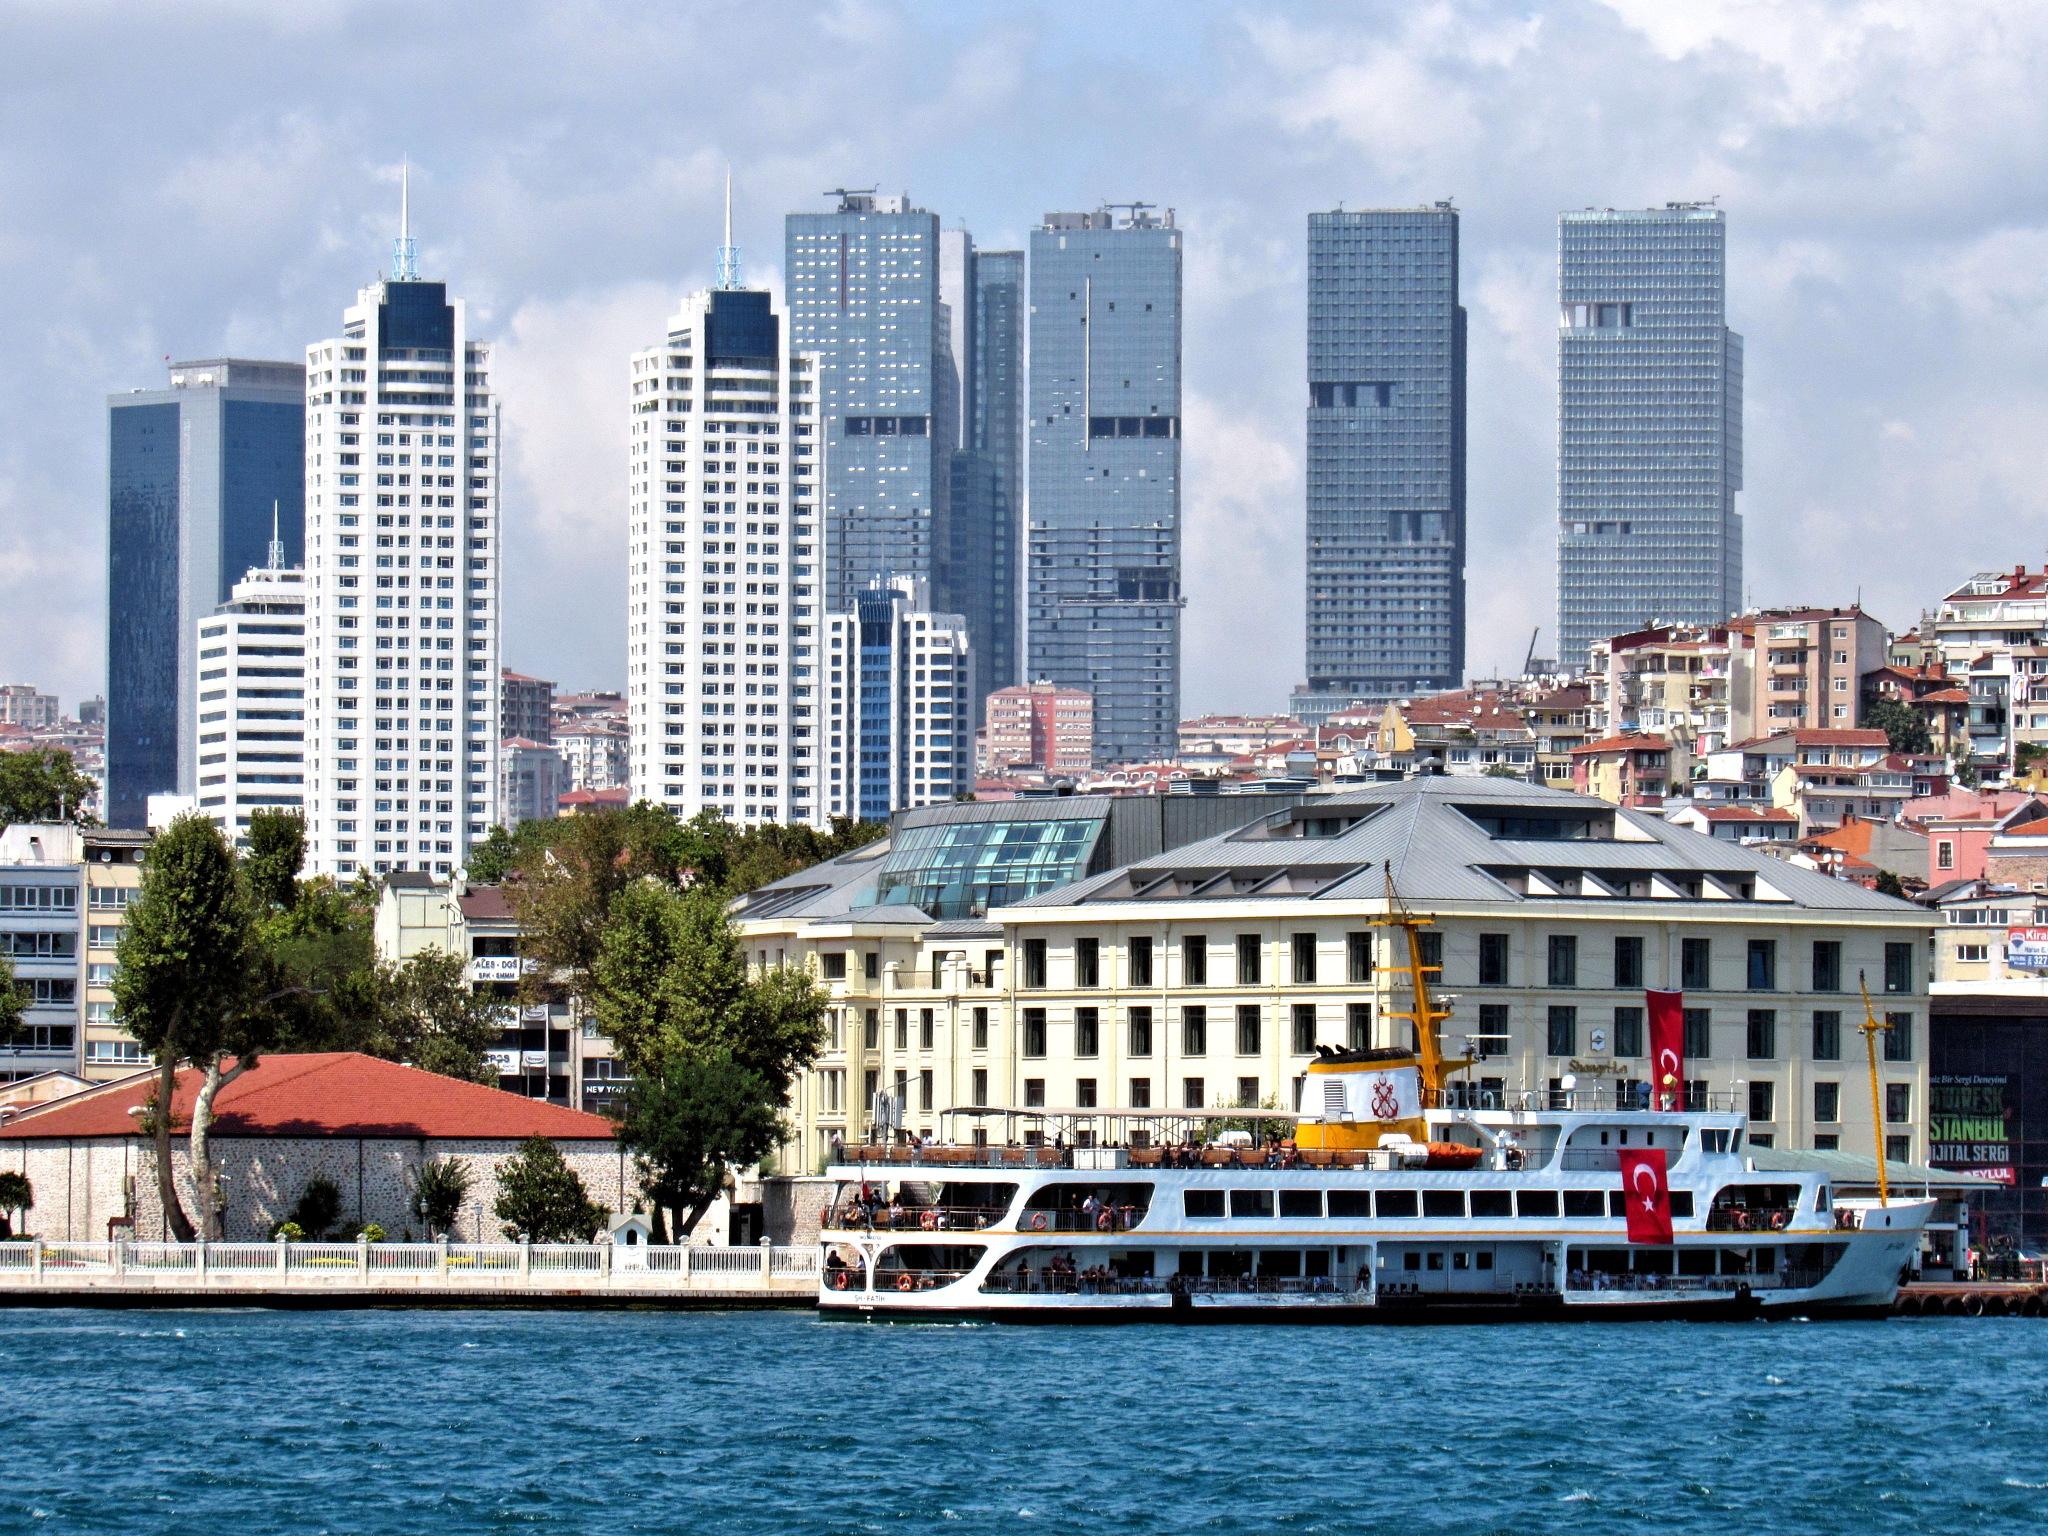 Istanbul Bosphorus by Faruk Koçak